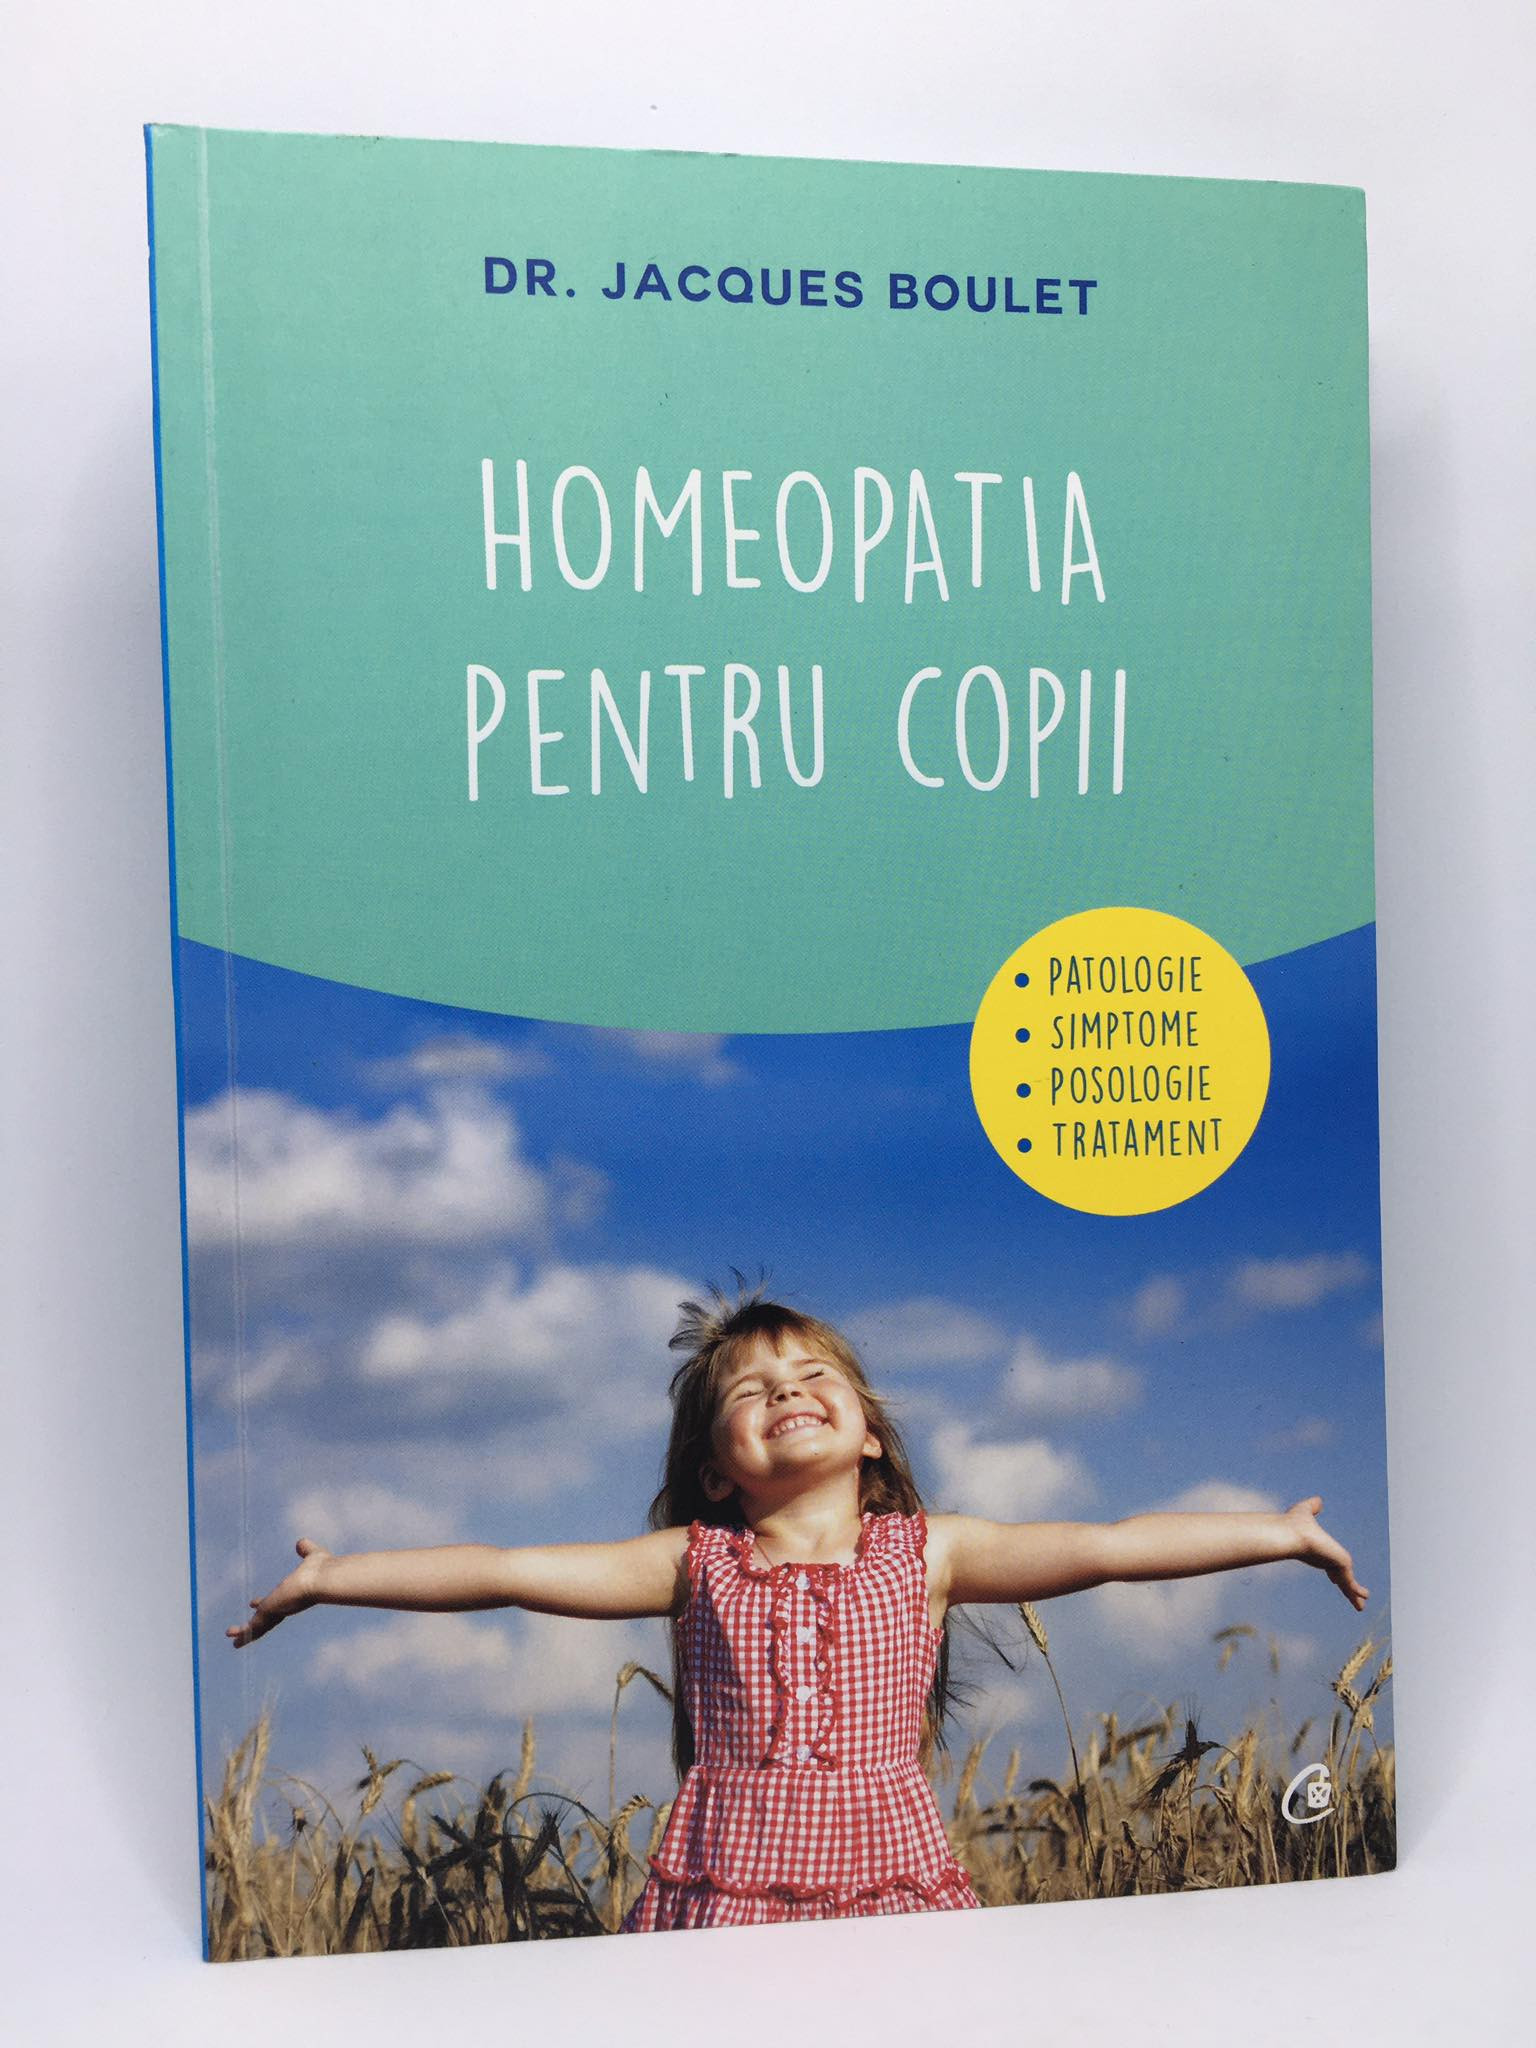 Homeopatia pentru copii